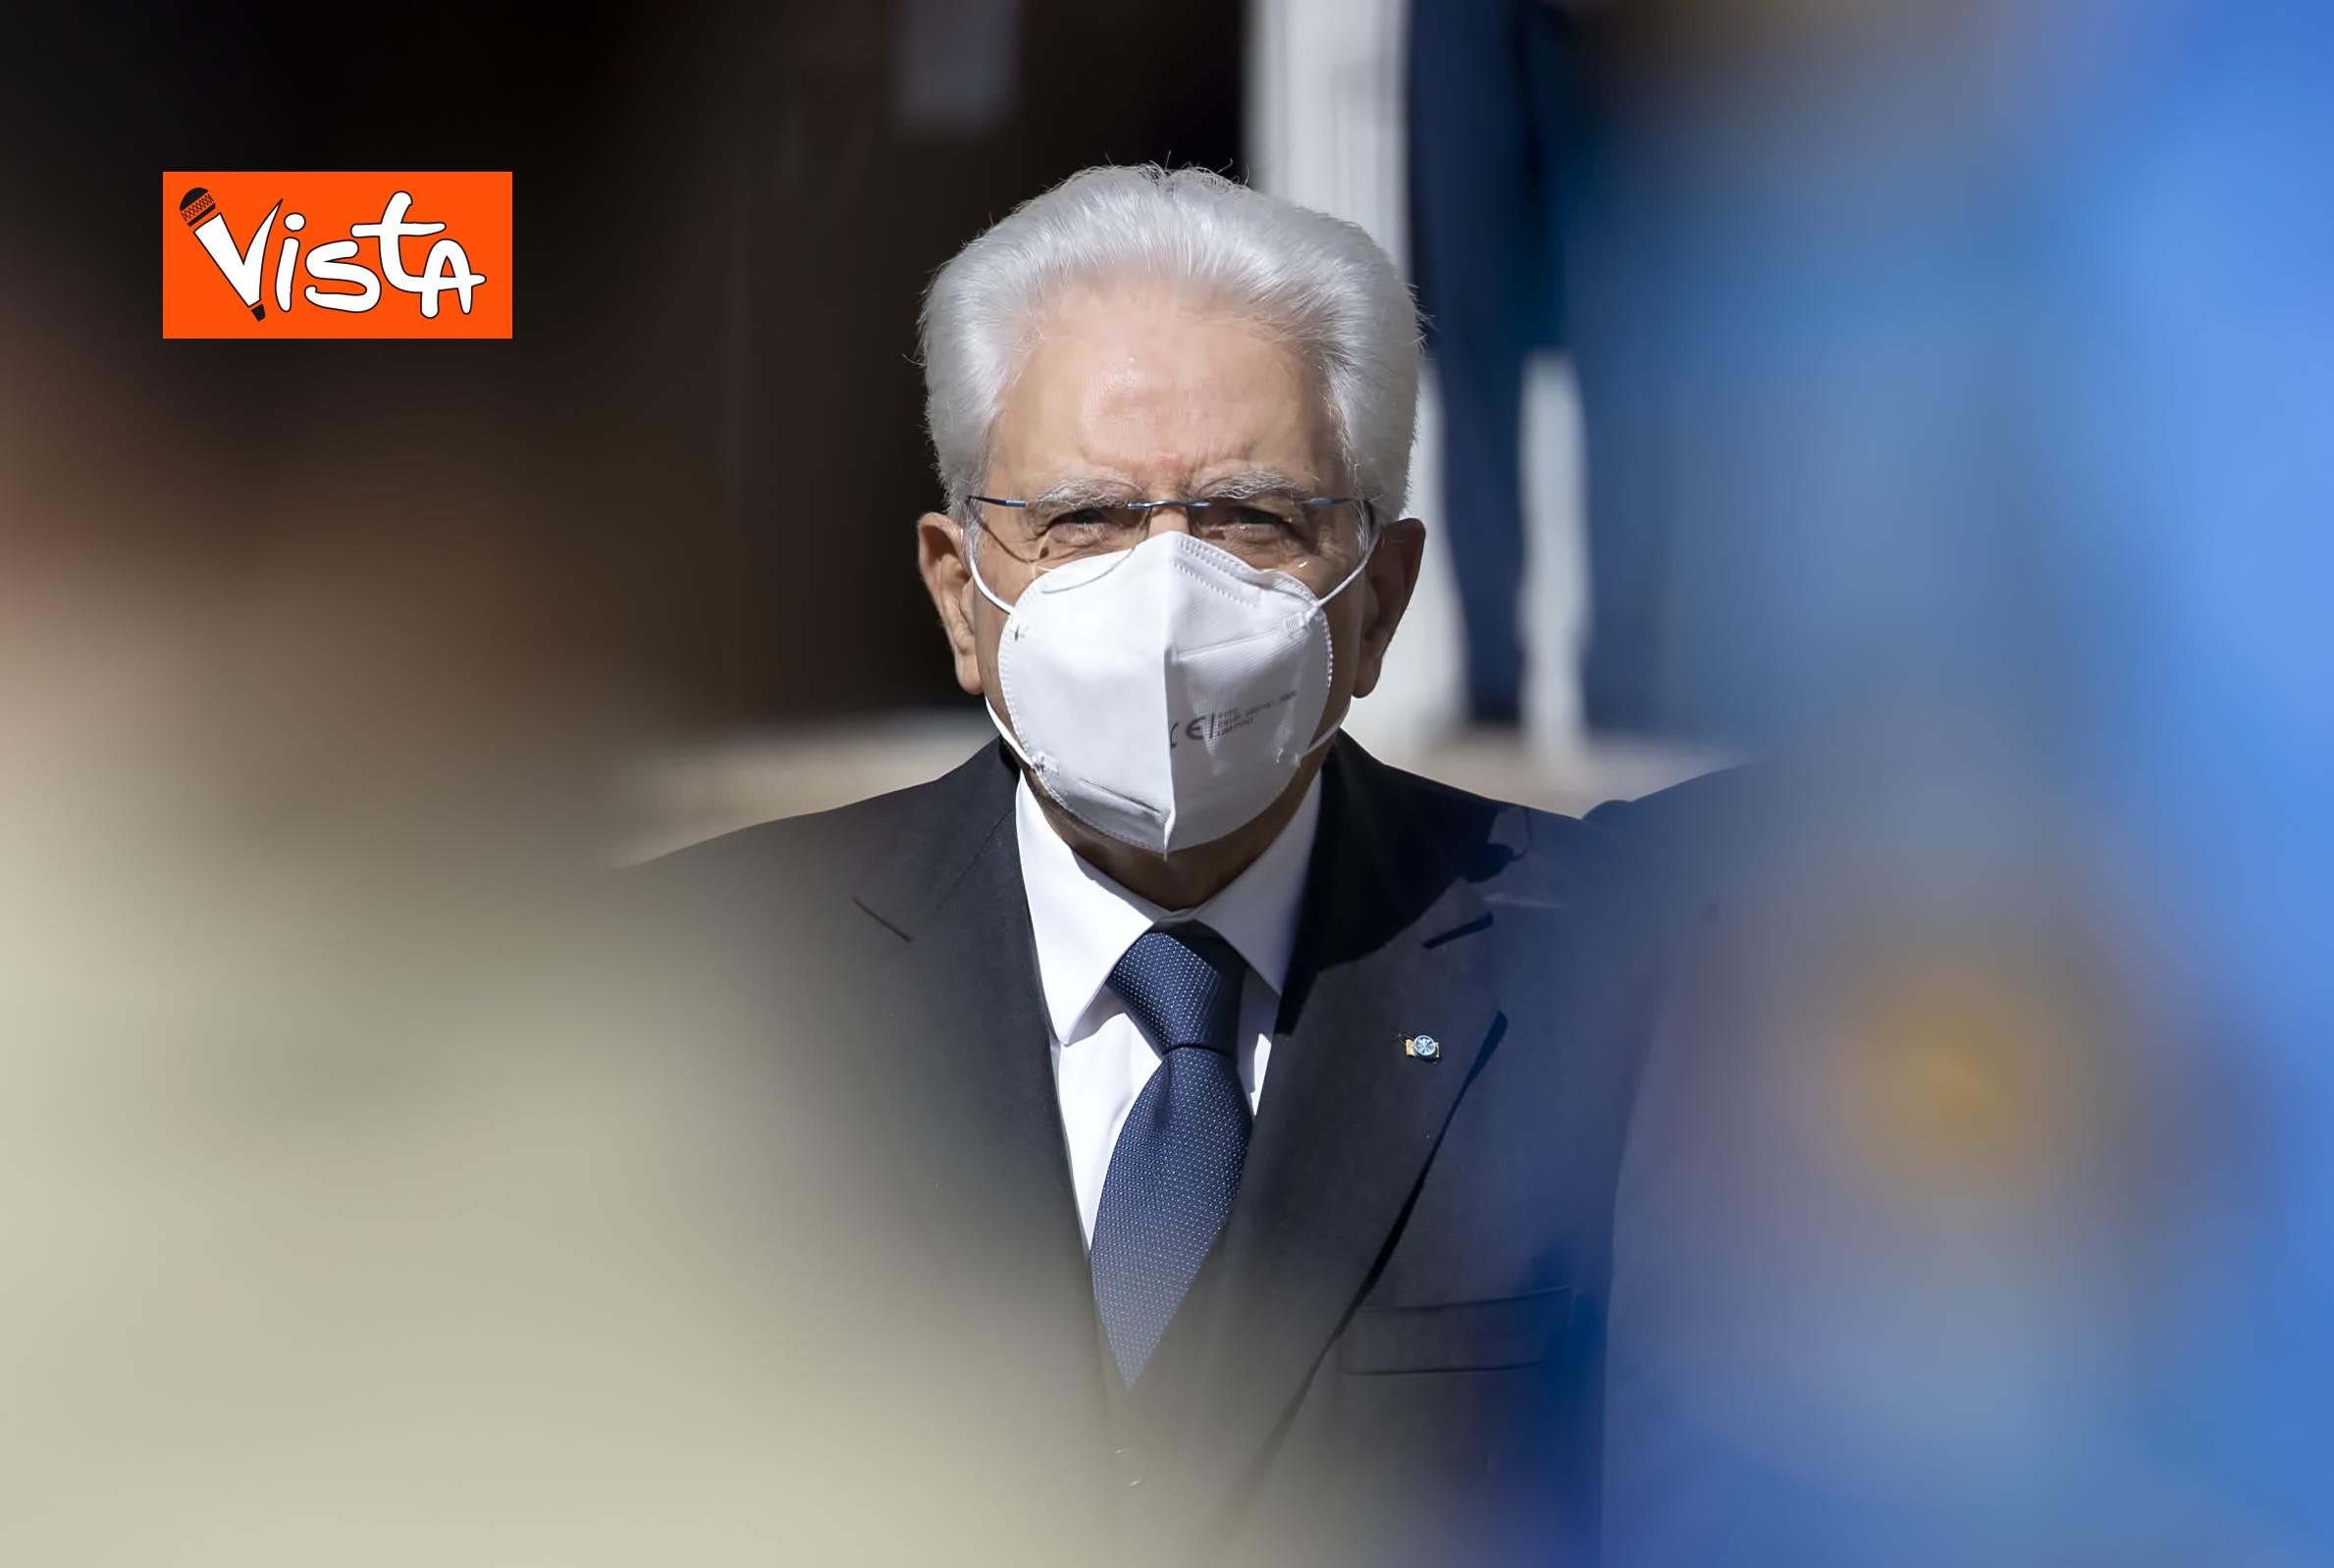 09-10-20 Mattarella riceve la Presidente della Repubblica Ellenica Sakellaropoulou, le immagini